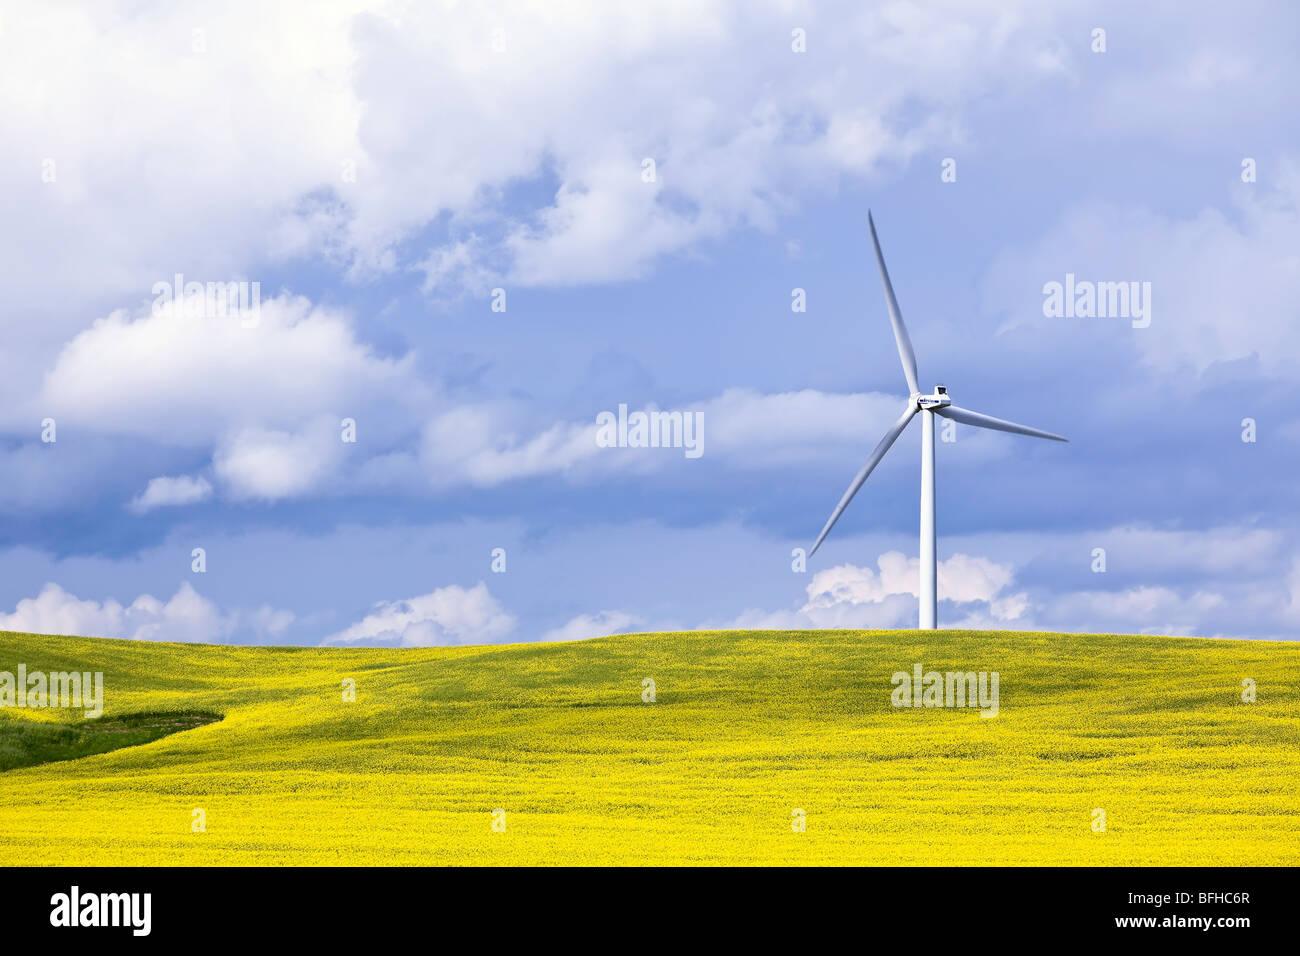 L'energia eolica turbina e Canola Field, in un giorno di tempesta. San Leon, Manitoba, Canada. Immagini Stock